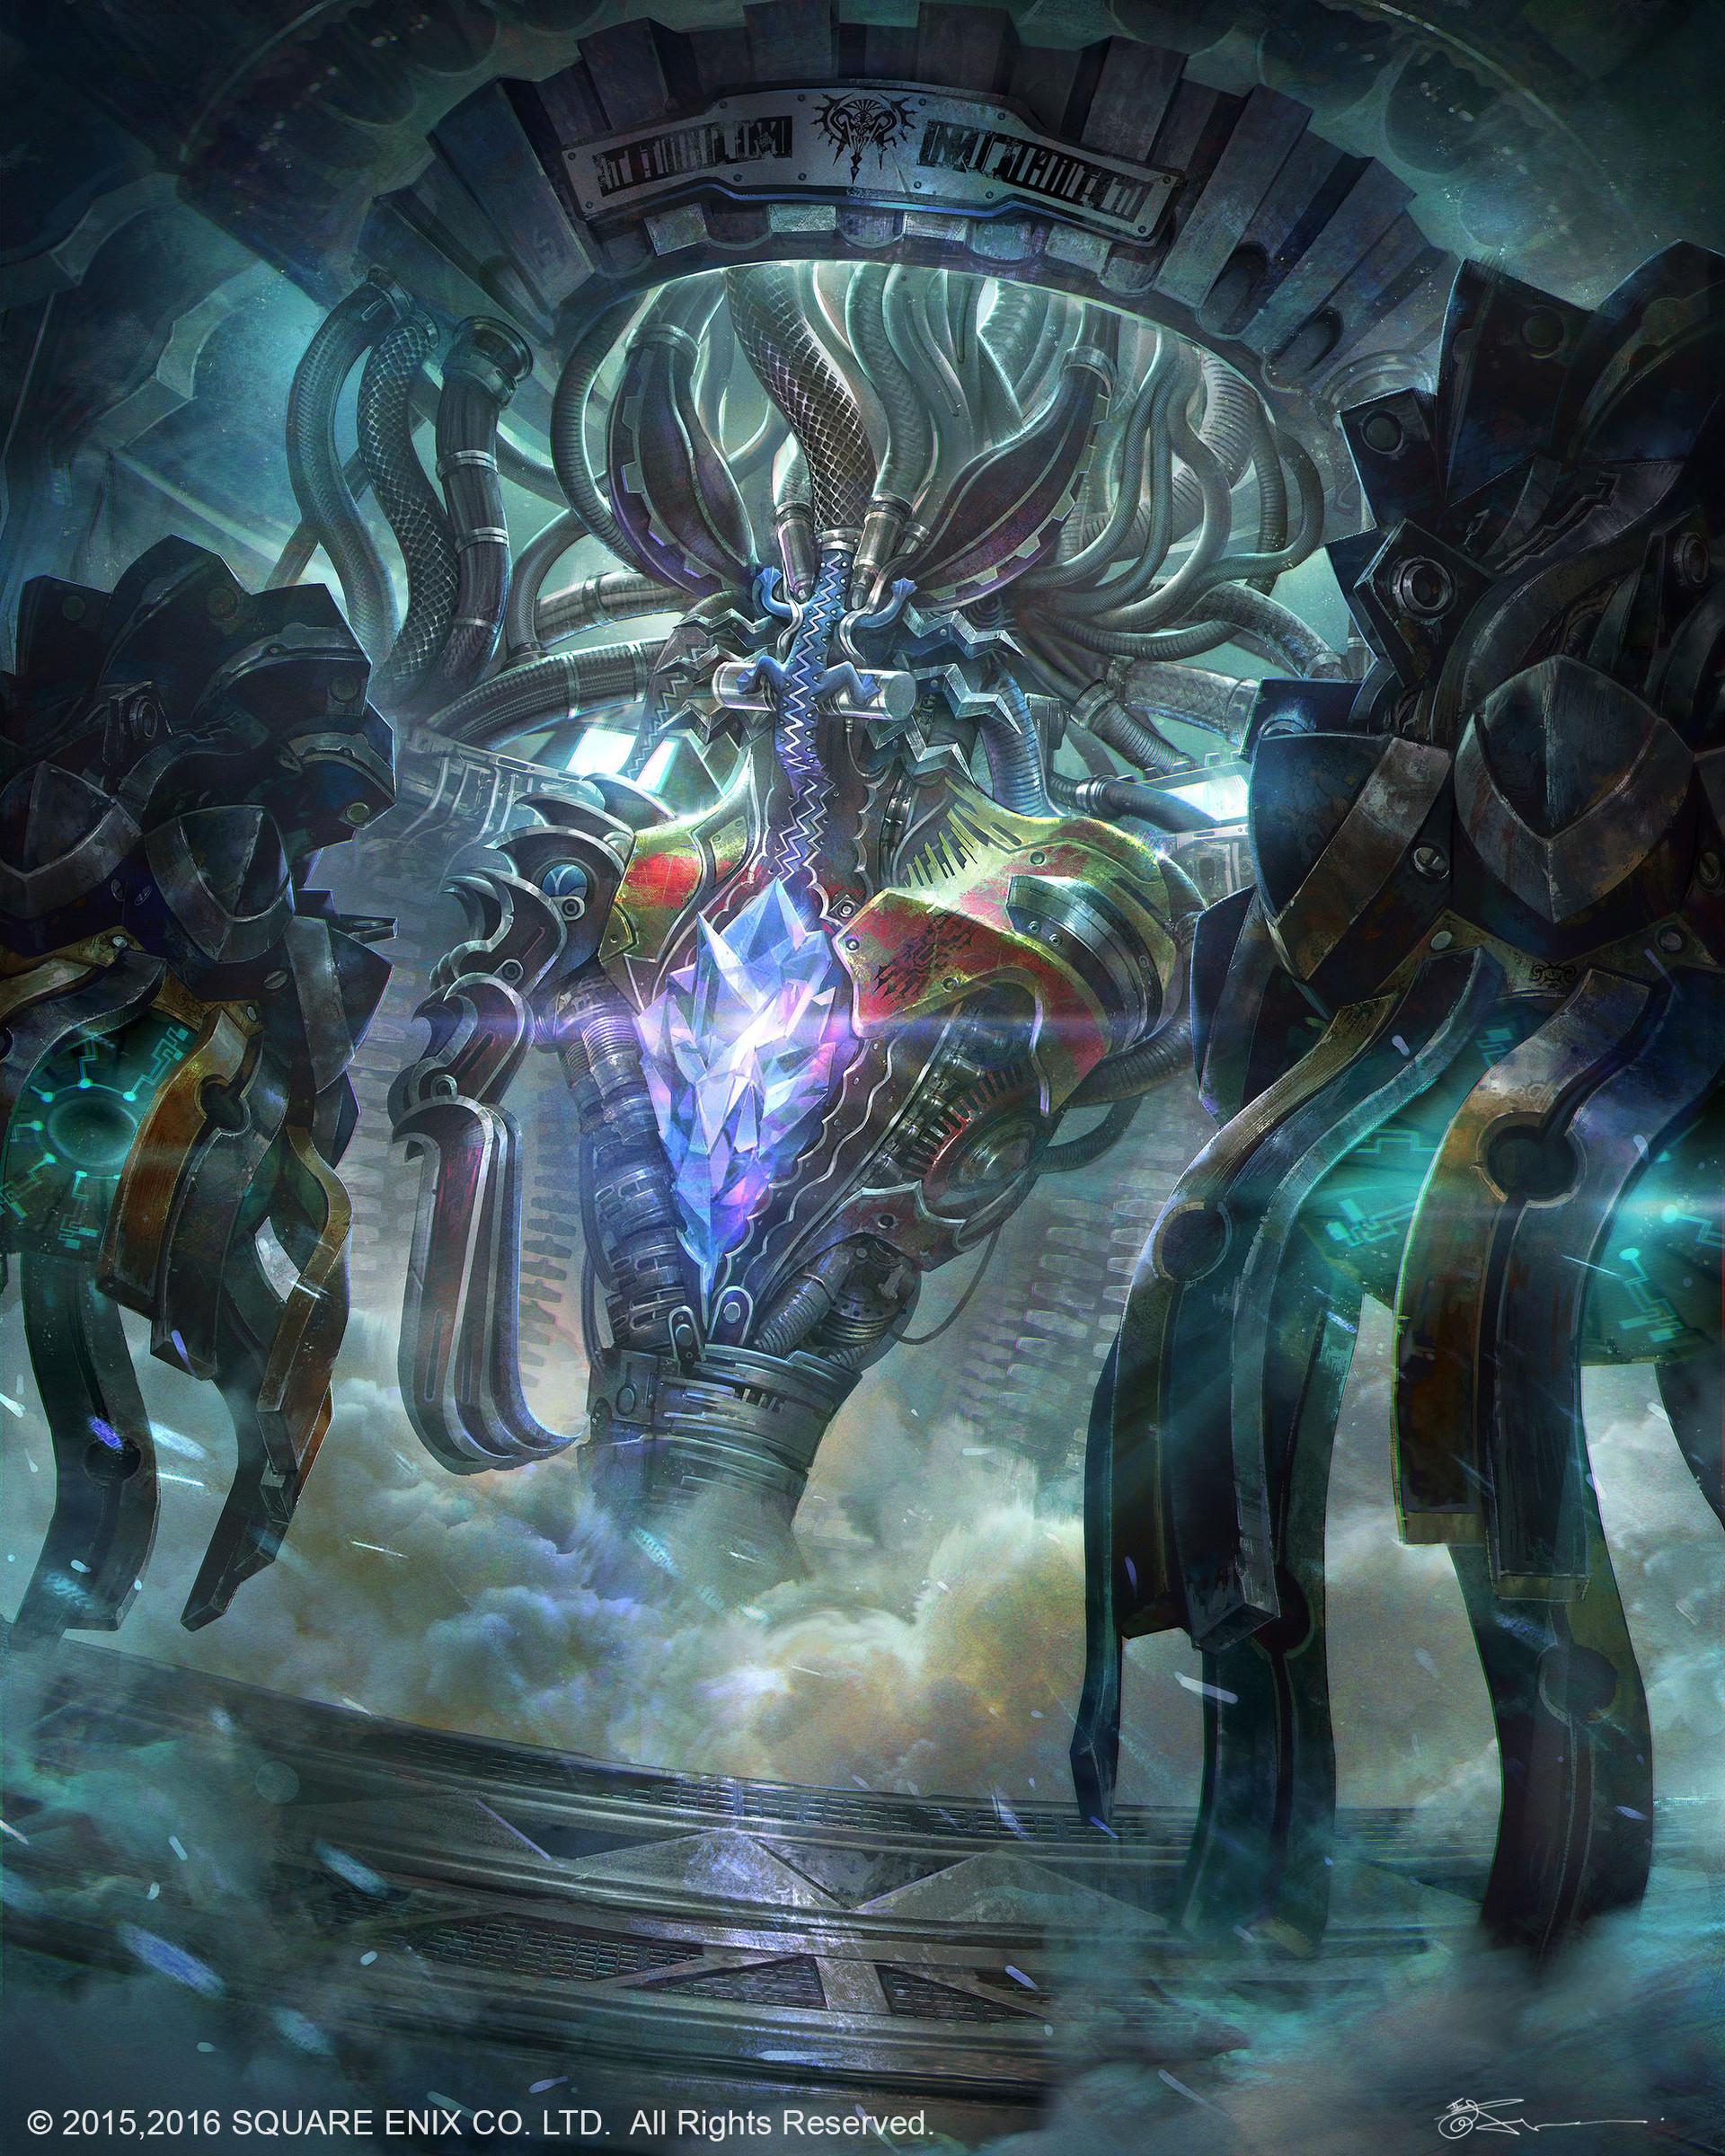 Final Fantasy 13 Art